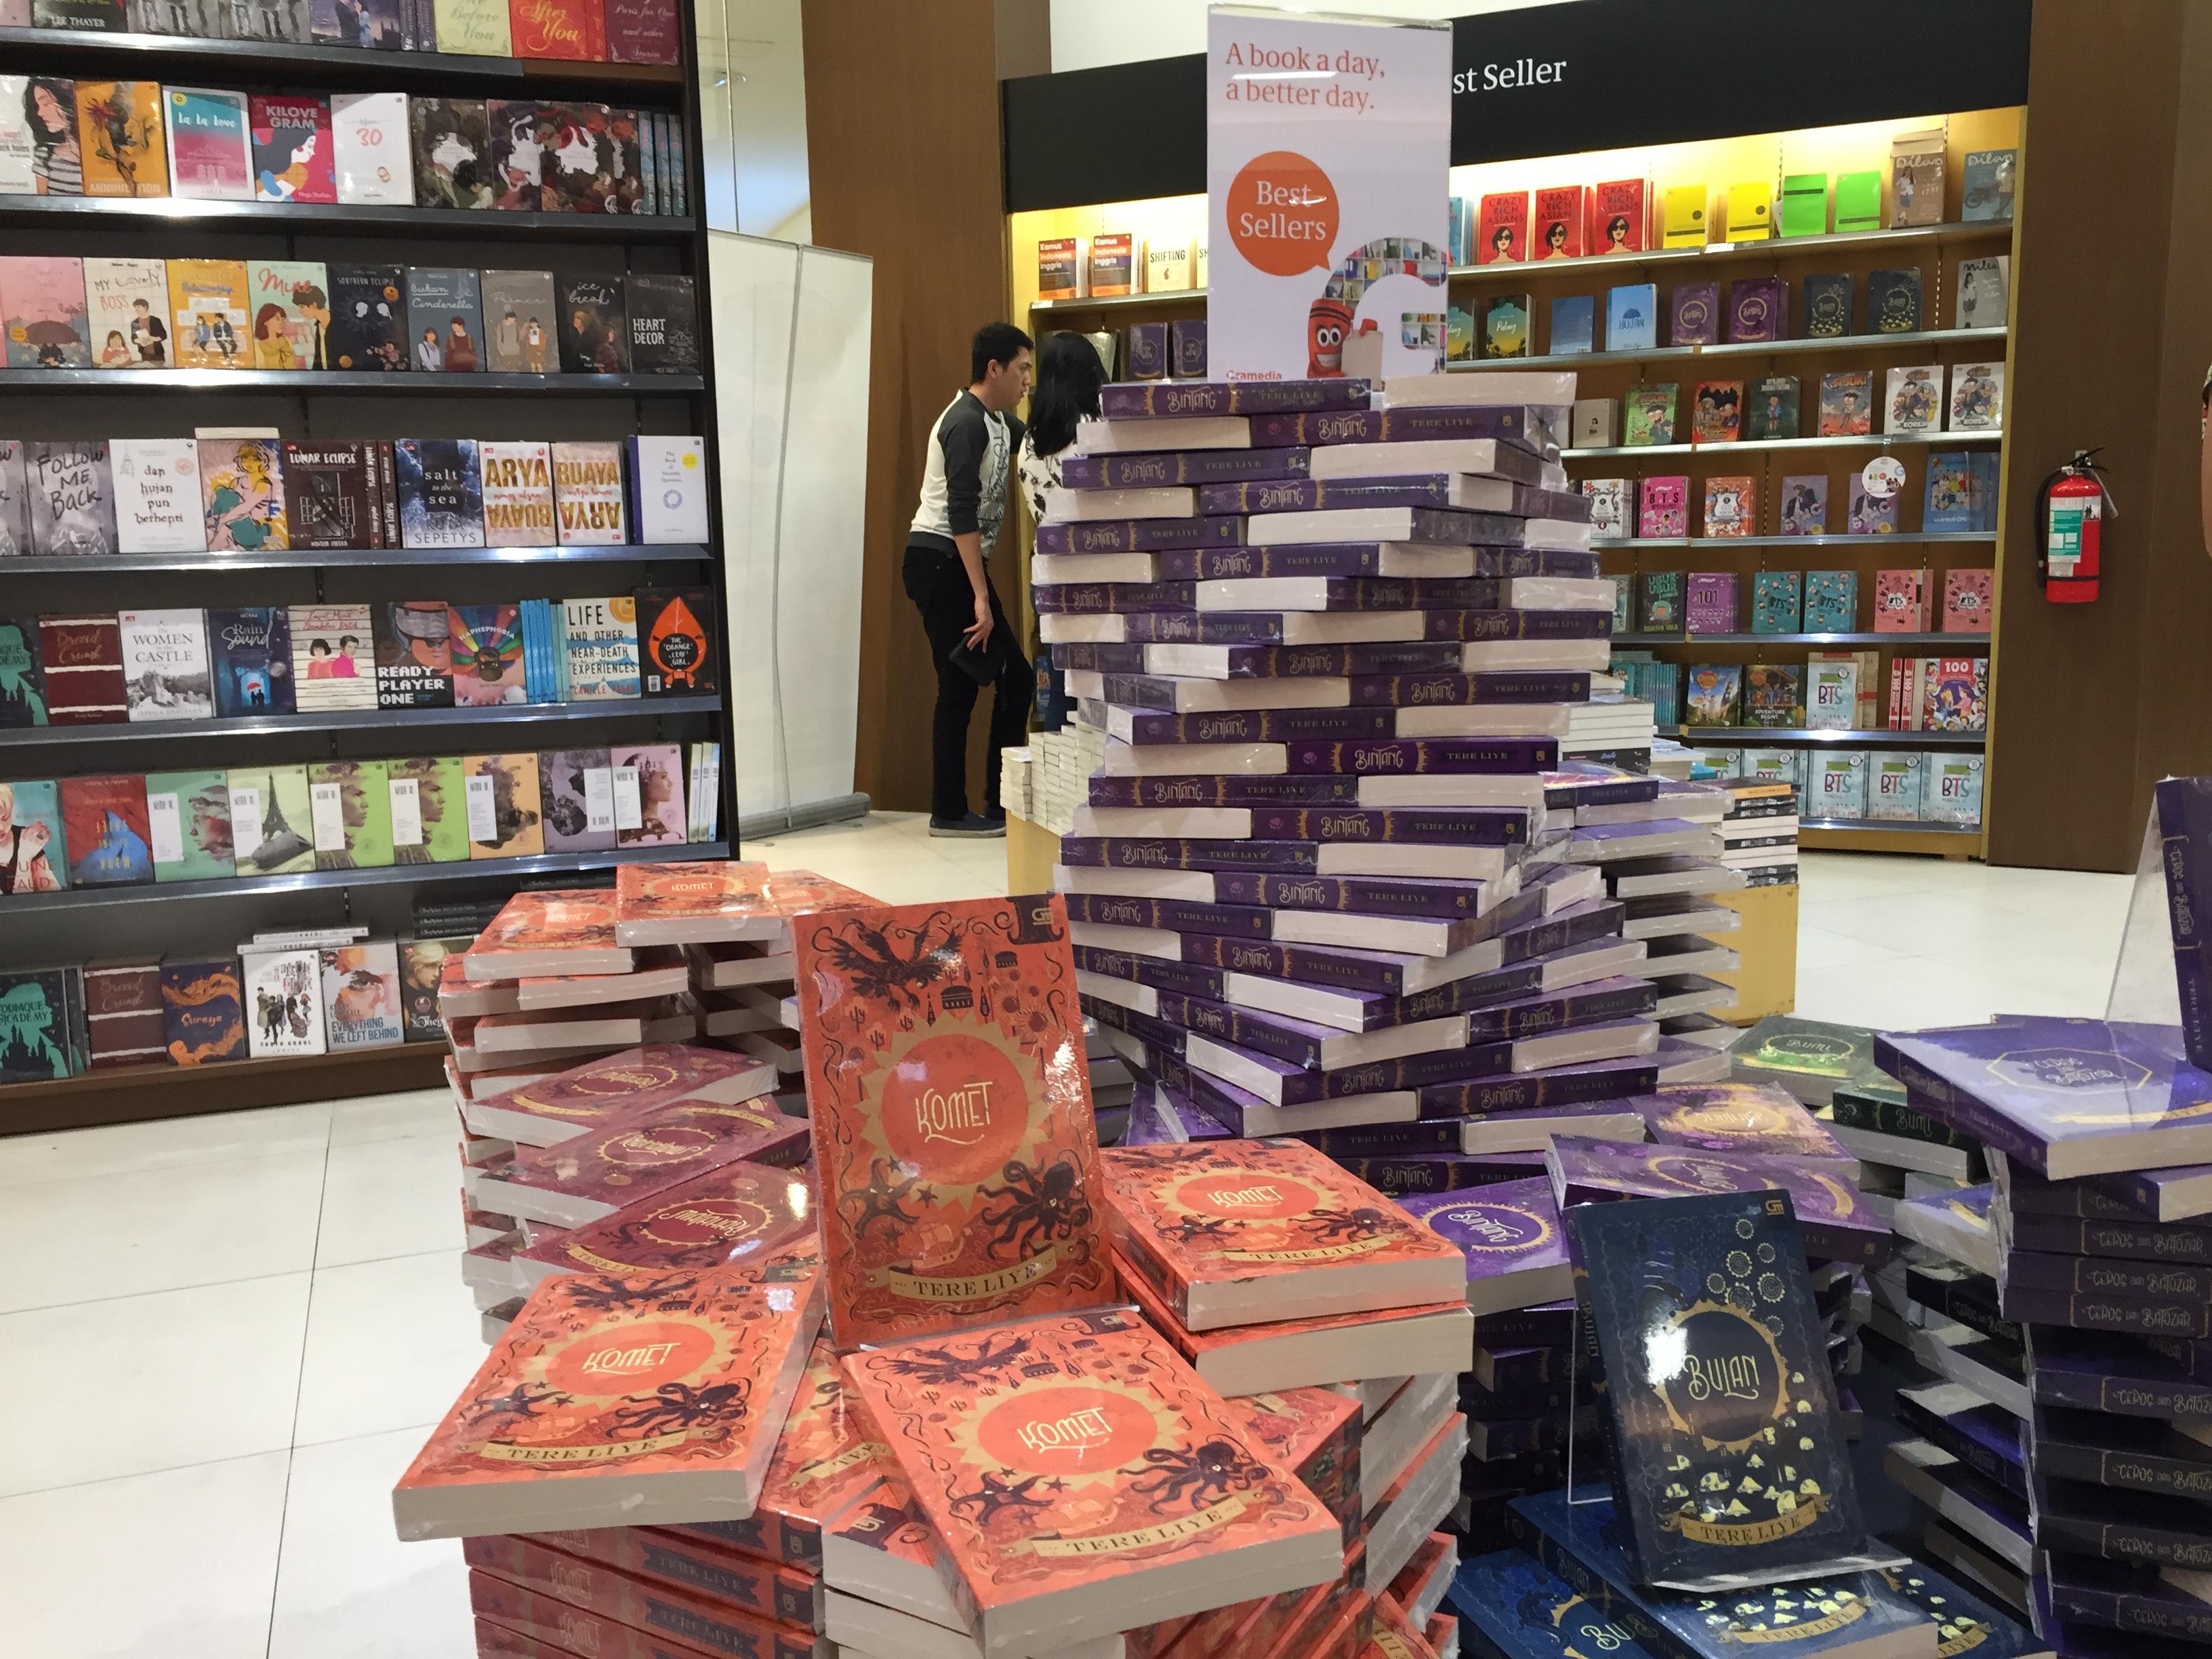 Top 10 Books di Gramedia update 28 Juli 2018 – It's not the destination,  it's the journey